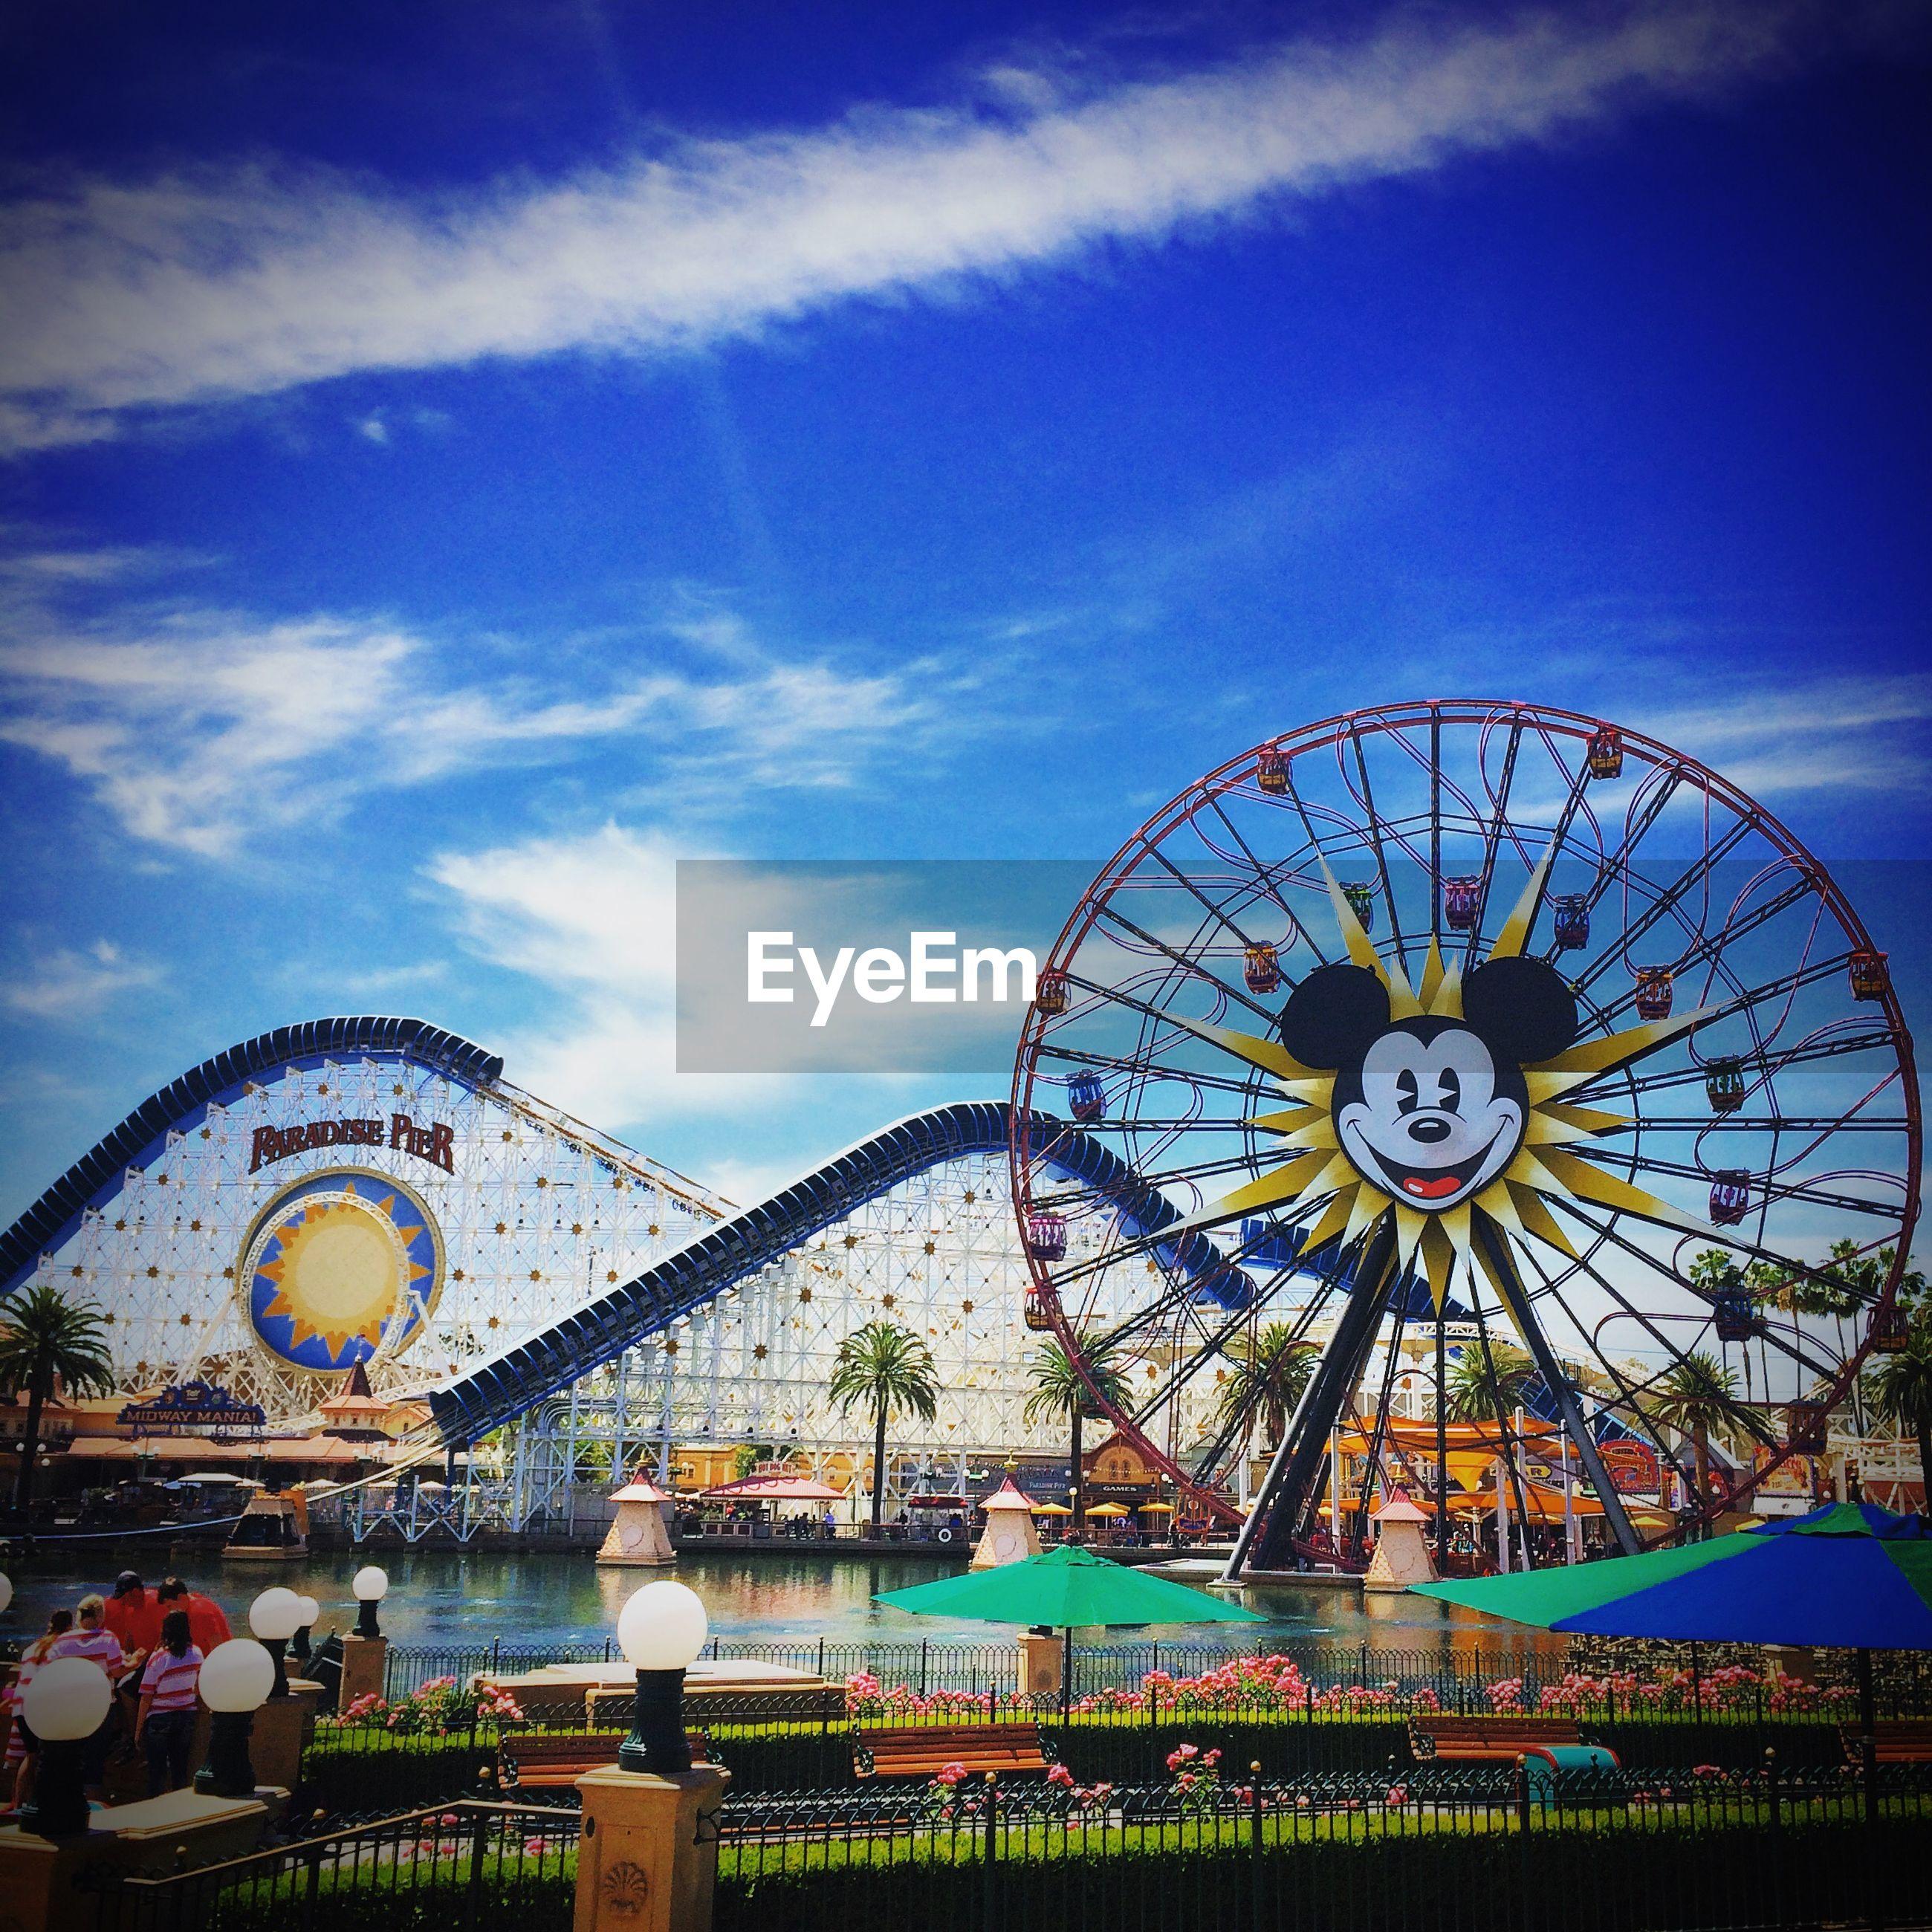 amusement park, ferris wheel, amusement park ride, sky, arts culture and entertainment, cloud - sky, architecture, circle, built structure, time, low angle view, blue, famous place, clock, cloud, tourism, travel, travel destinations, day, outdoors